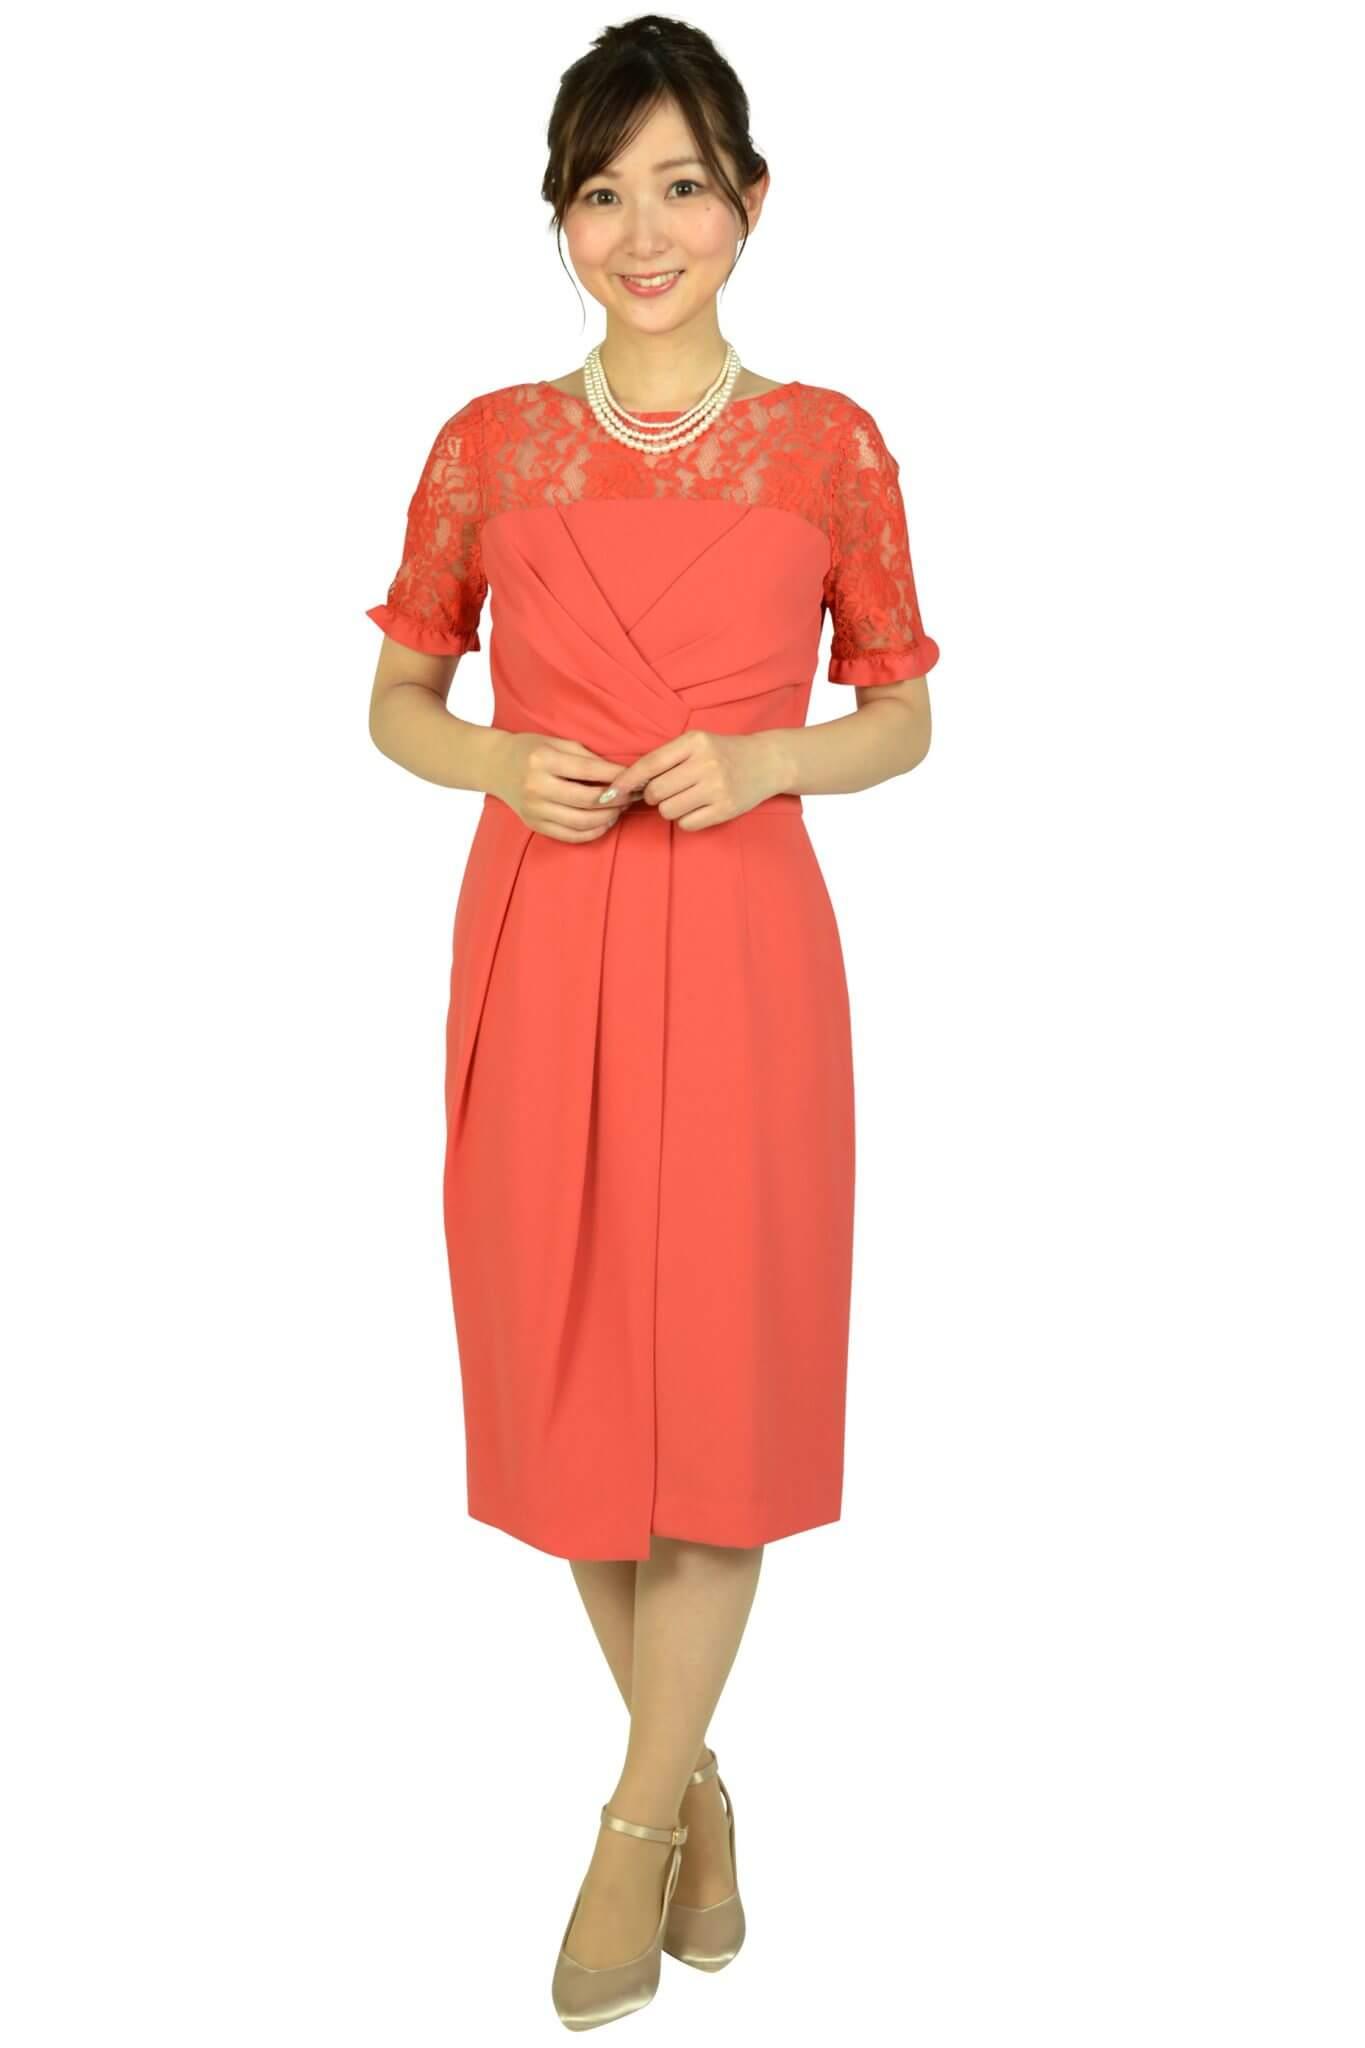 グレースコンチネンタル (GRACE CONTINENTAL)レースカシュクールコーラルオレンジドレス